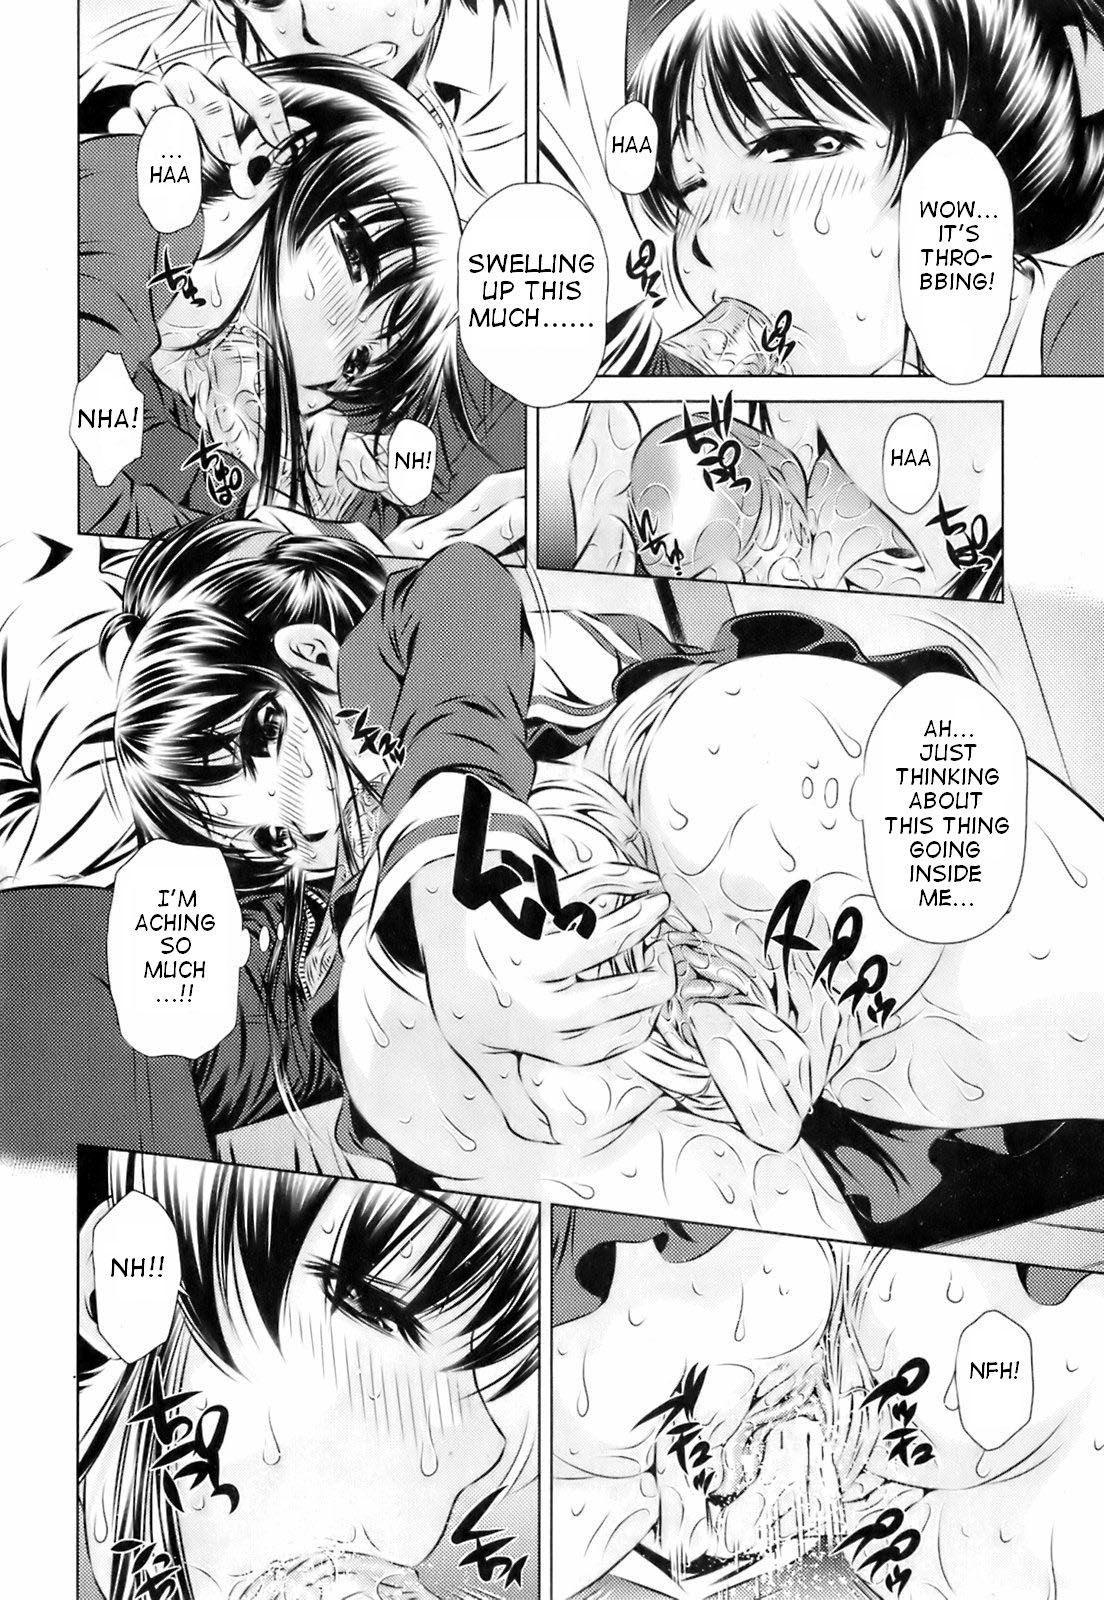 Haha no Yuuwaku 7